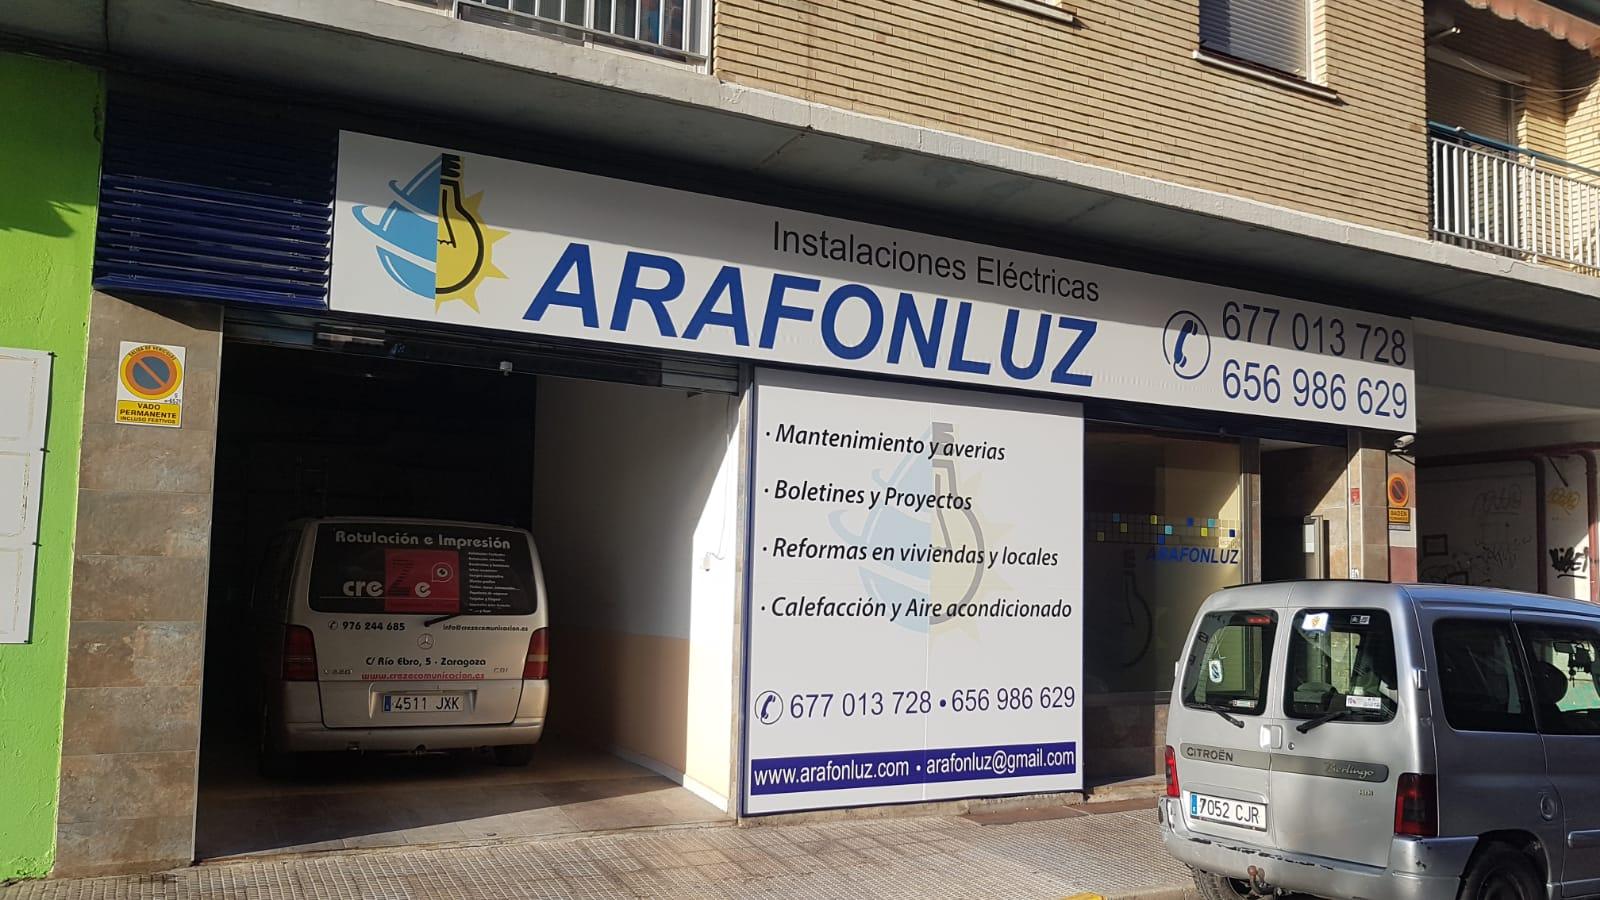 arafonluz